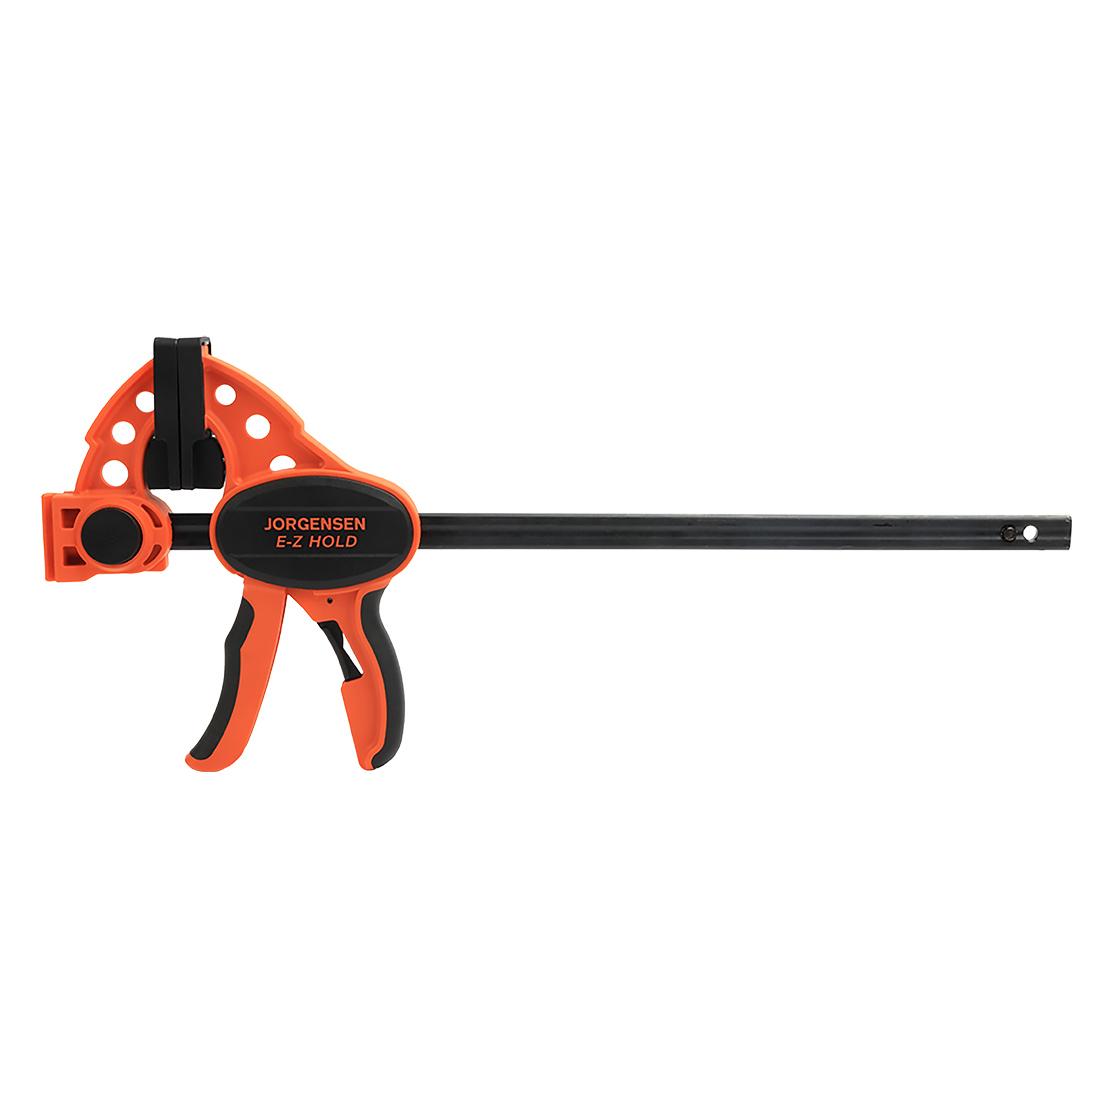 E-Z Hold Bar Clamp 300mm - 136kg AJP33412